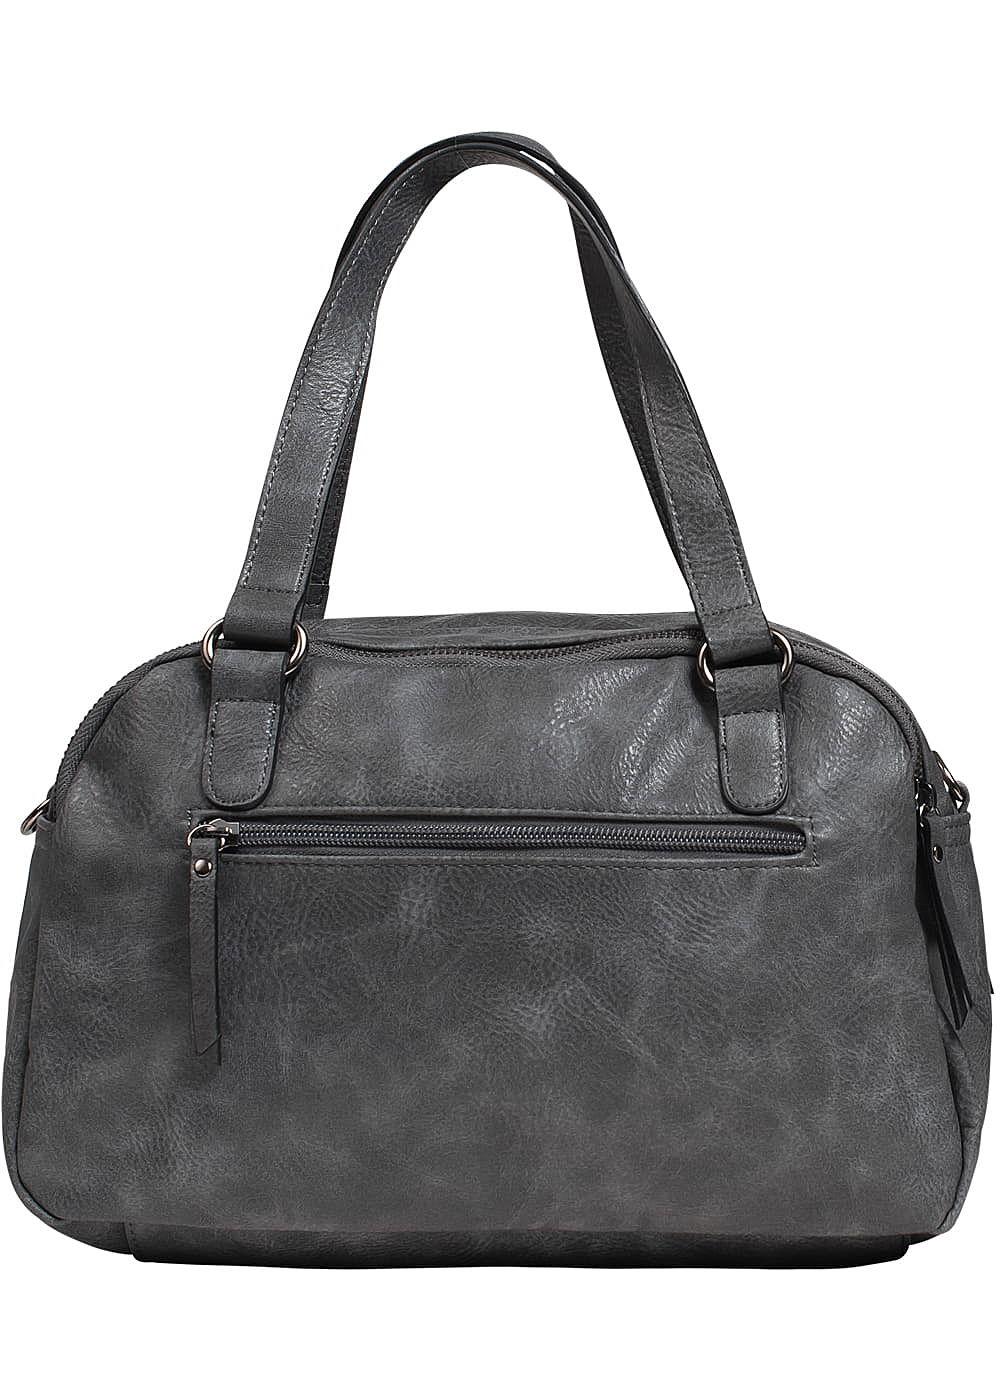 zabaione damen kunstleder handtasche 2 zip taschen grau silber 77onlineshop. Black Bedroom Furniture Sets. Home Design Ideas